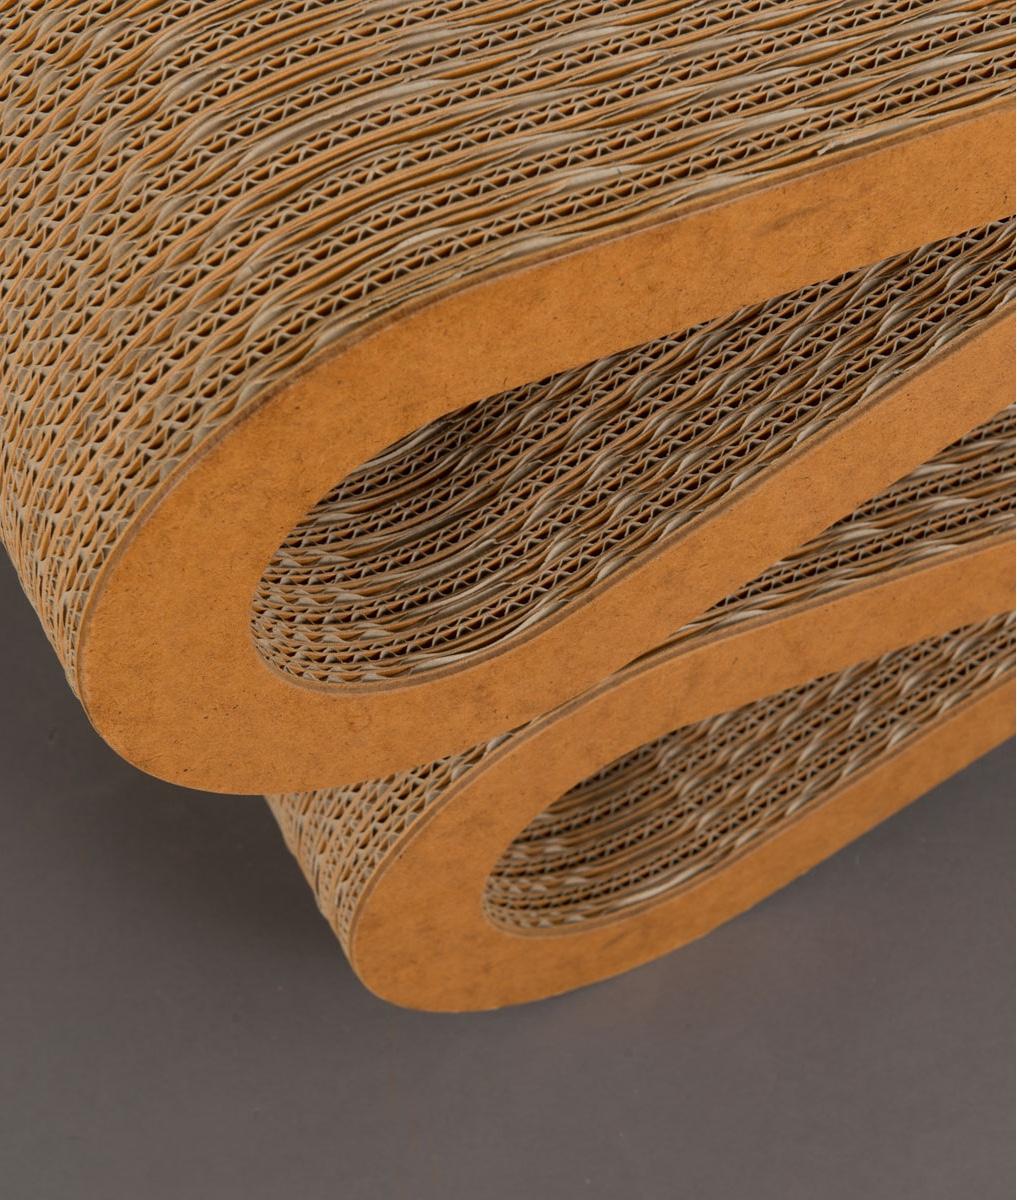 Wiggle Side Chair detail. Image ©QUITTENBAUM Kunstauktionen GmbH.